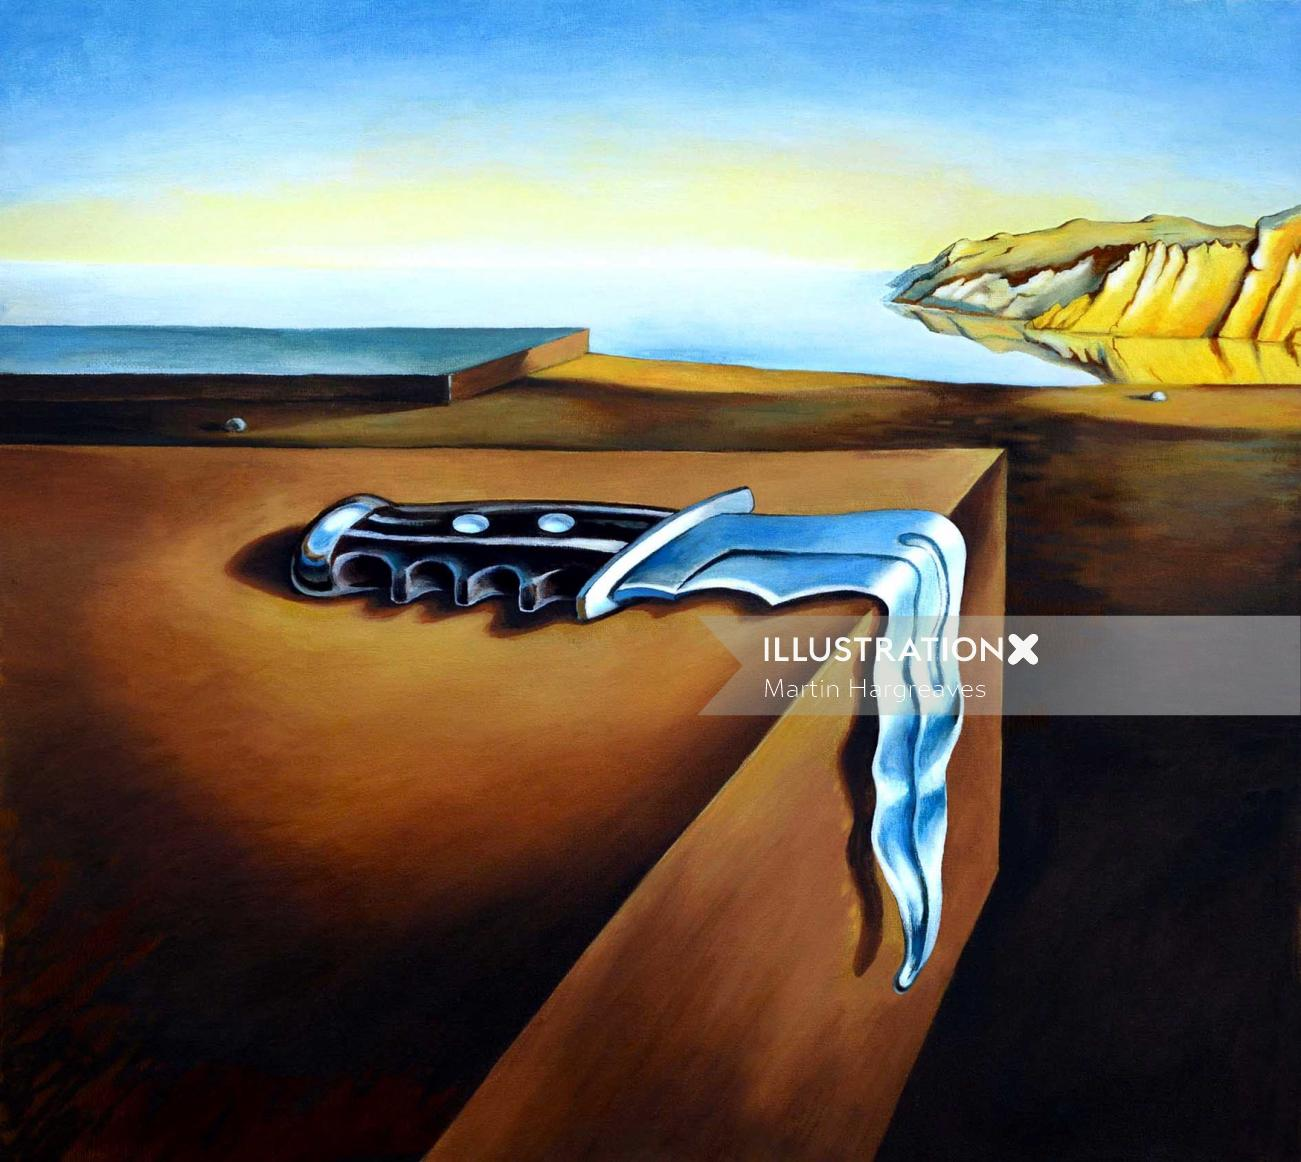 Pastiche illustration of Dali Knife